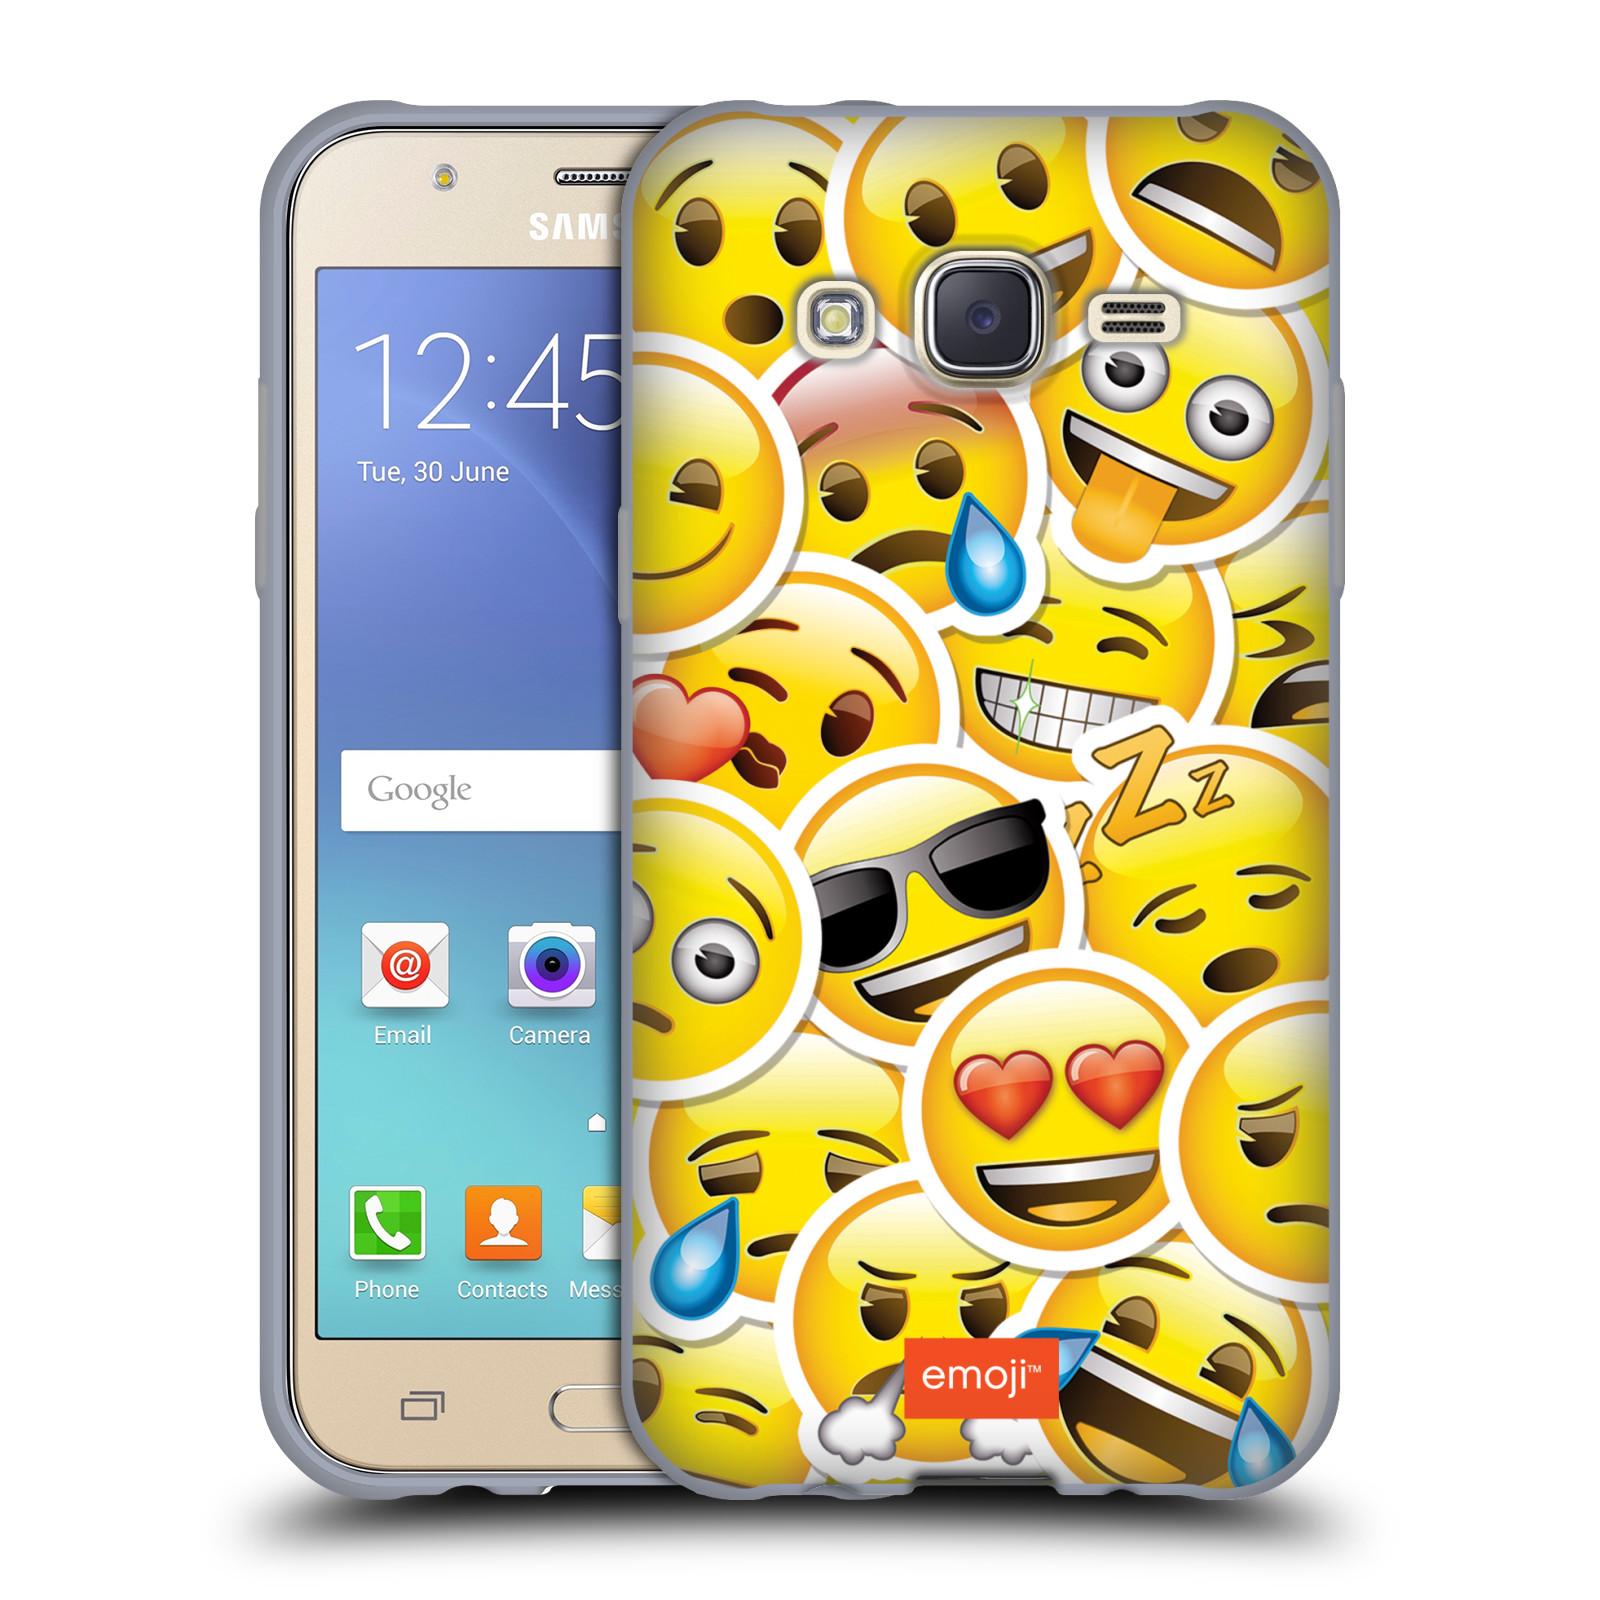 HEAD CASE silikonový obal na mobil Samsung Galaxy J5 2015 (J500) smajlík  oficiální kryt EMOJI velcí smajlíci nálepky c3505d299c7